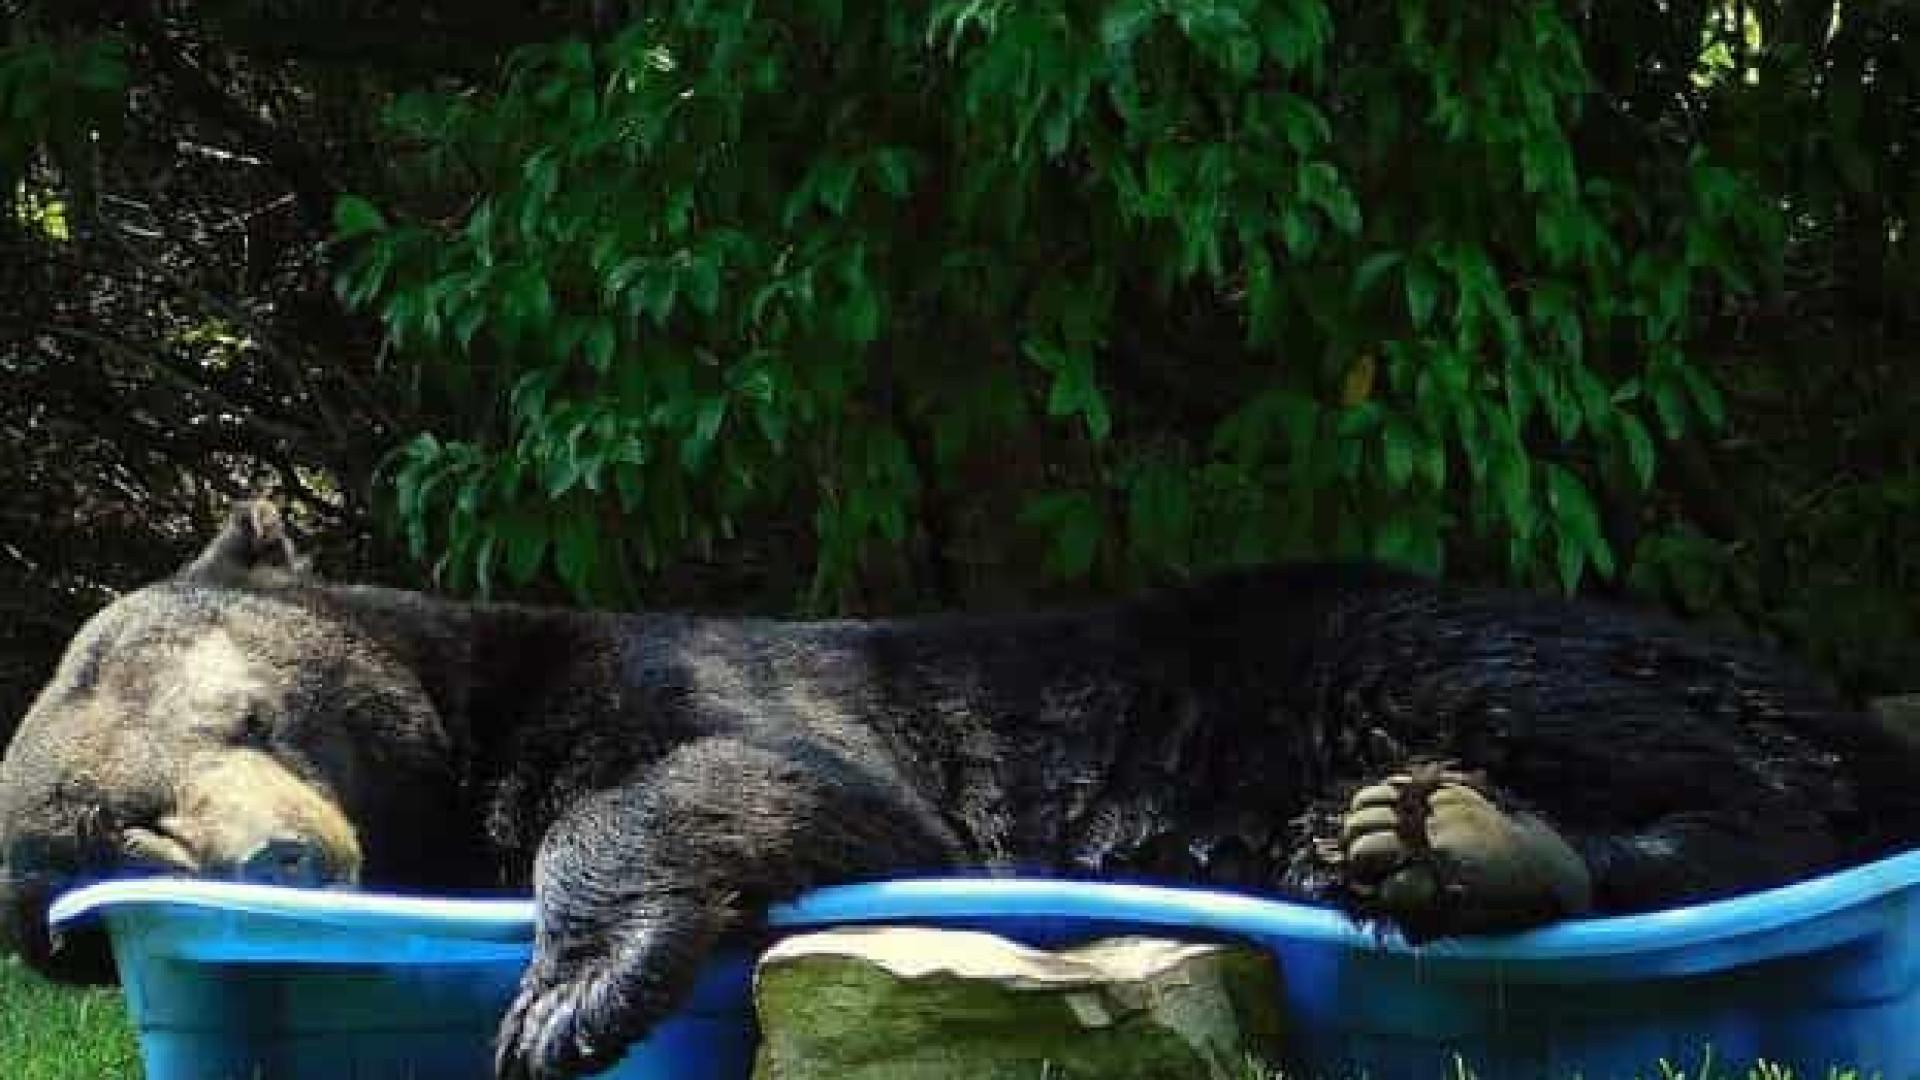 Urso gigante invade quintal nos EUA e tira cochilo em piscina infantil